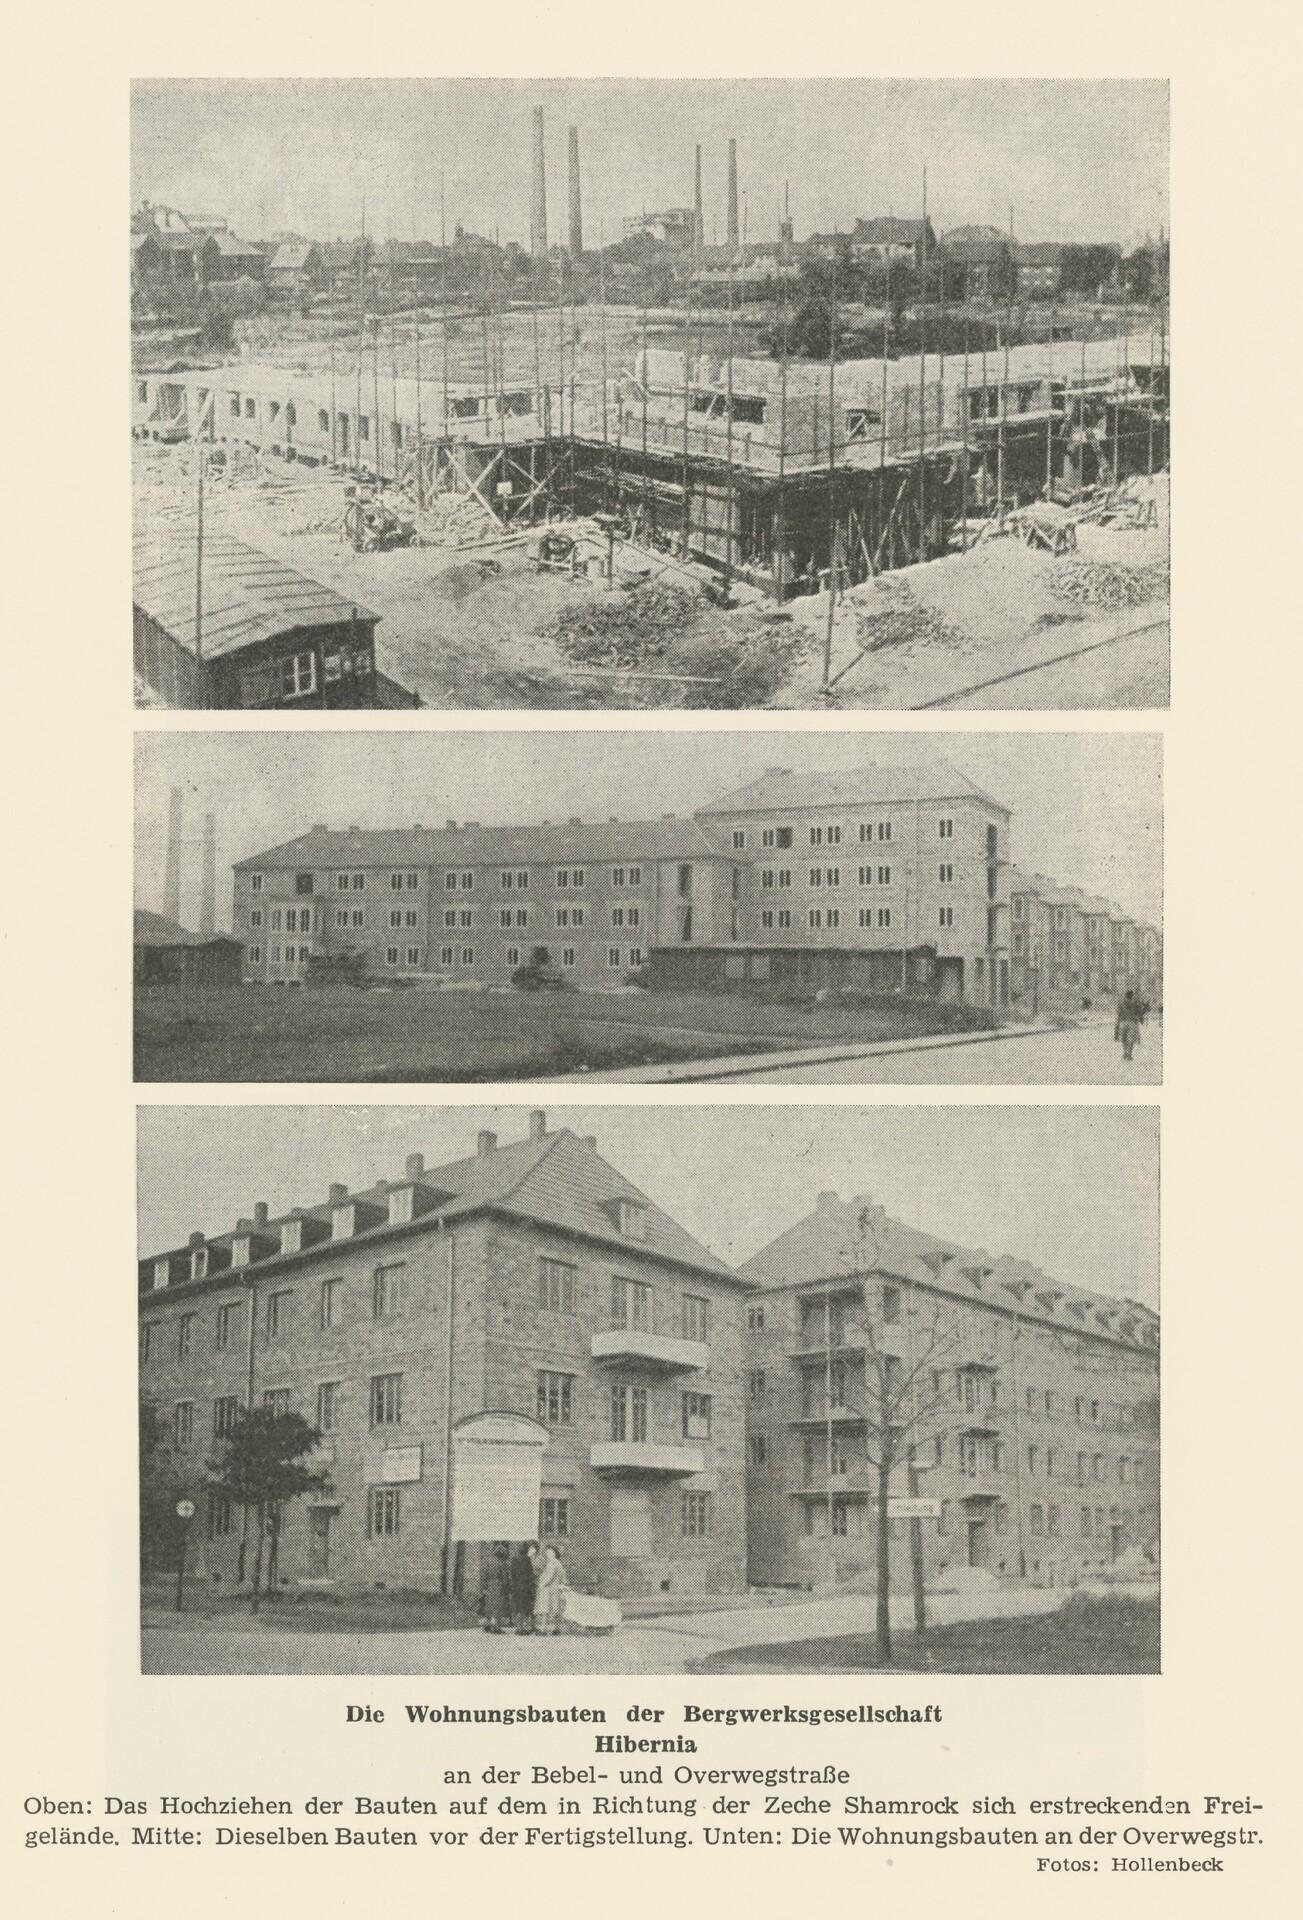 Aus_Reiners, Leo_Herne 1945-1950. Fünf Jahre Wiederaufbau. Herne 1950, S. 149.jpg